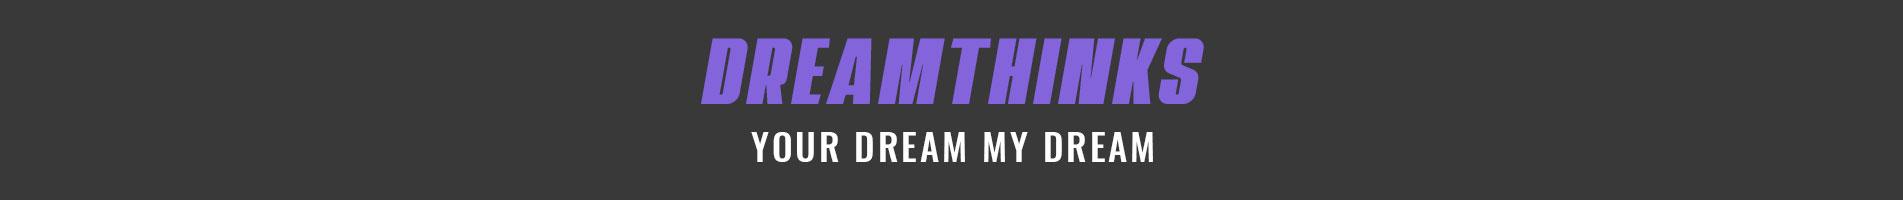 Dreamthinks